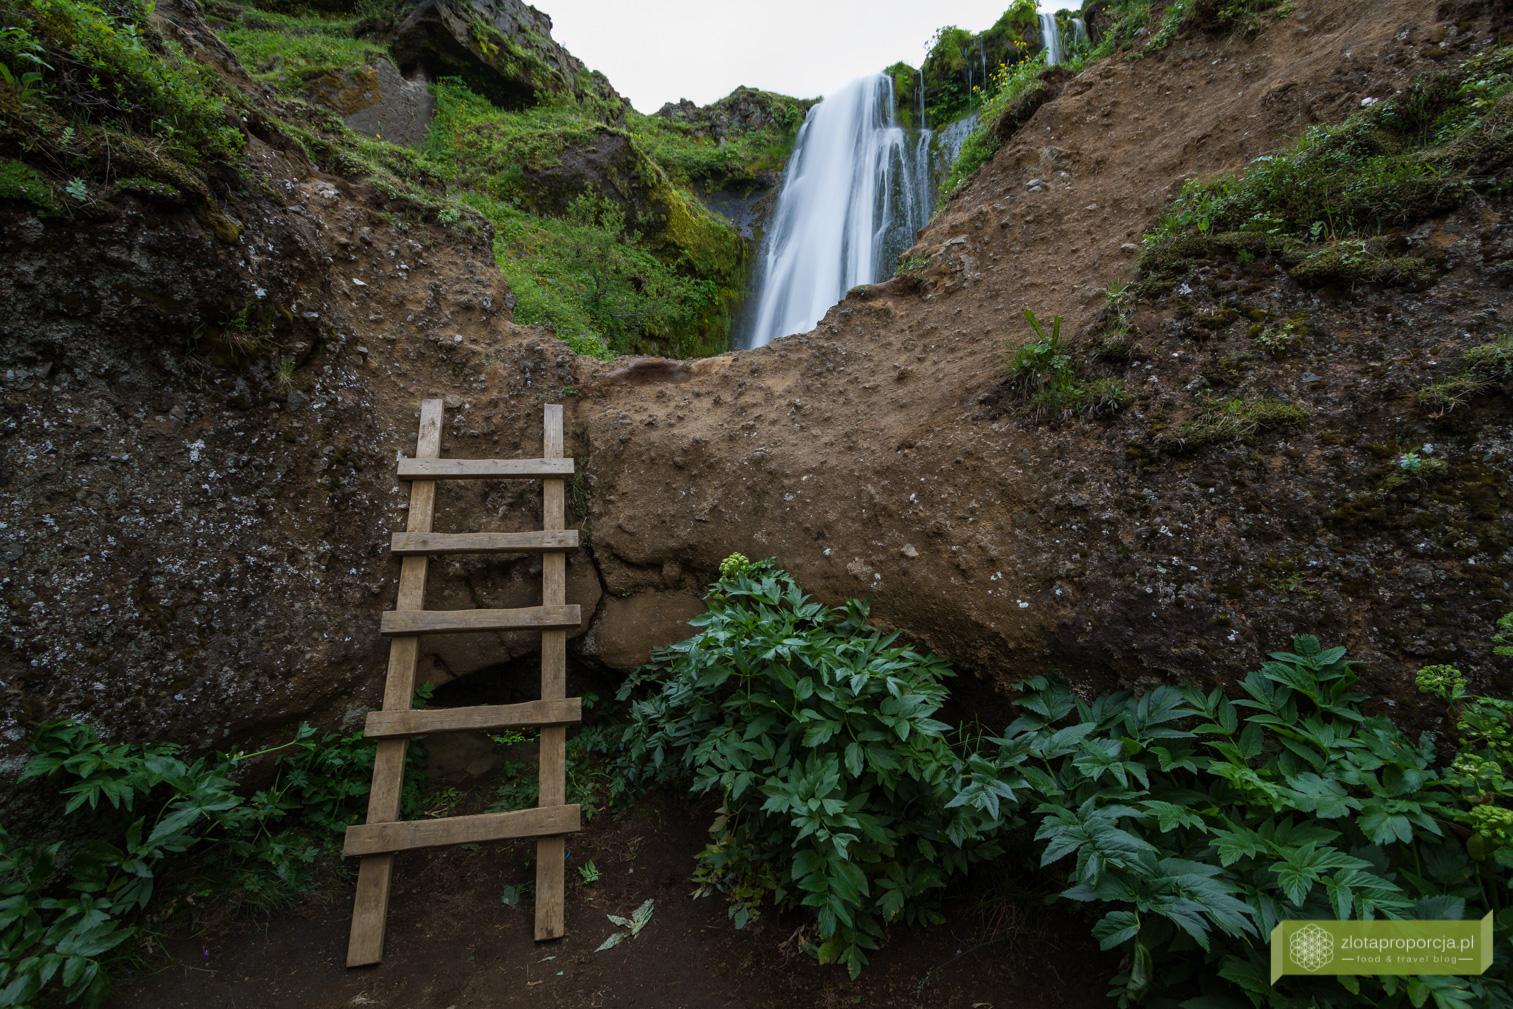 wodospad Gljúfurárfoss, Gljúfurárfoss, Południowo-zachodnia Islandia, Islandia, Islandia atrakcje, wodospady na Islandii, Islandia ciekawe miejsca